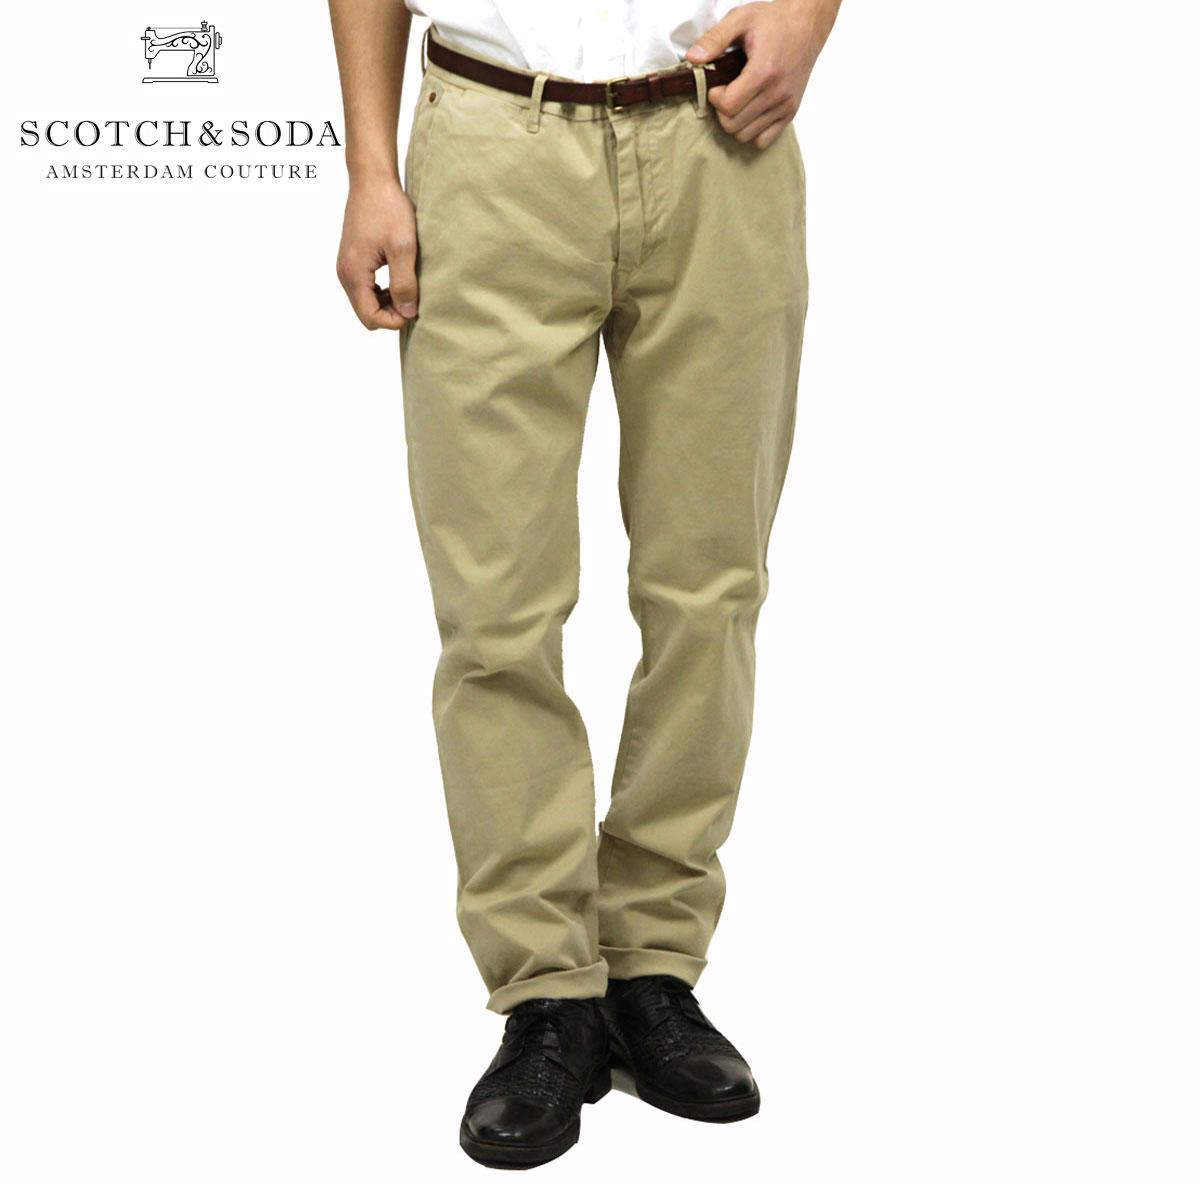 【ポイント10倍 4/21 10:00〜4/24 09:59まで】 スコッチアンドソーダ SCOTCH&SODA 正規販売店 メンズ コットンパンツ Slim fit cotton/elastan garment dyed chino pant, Stuart 124896 06